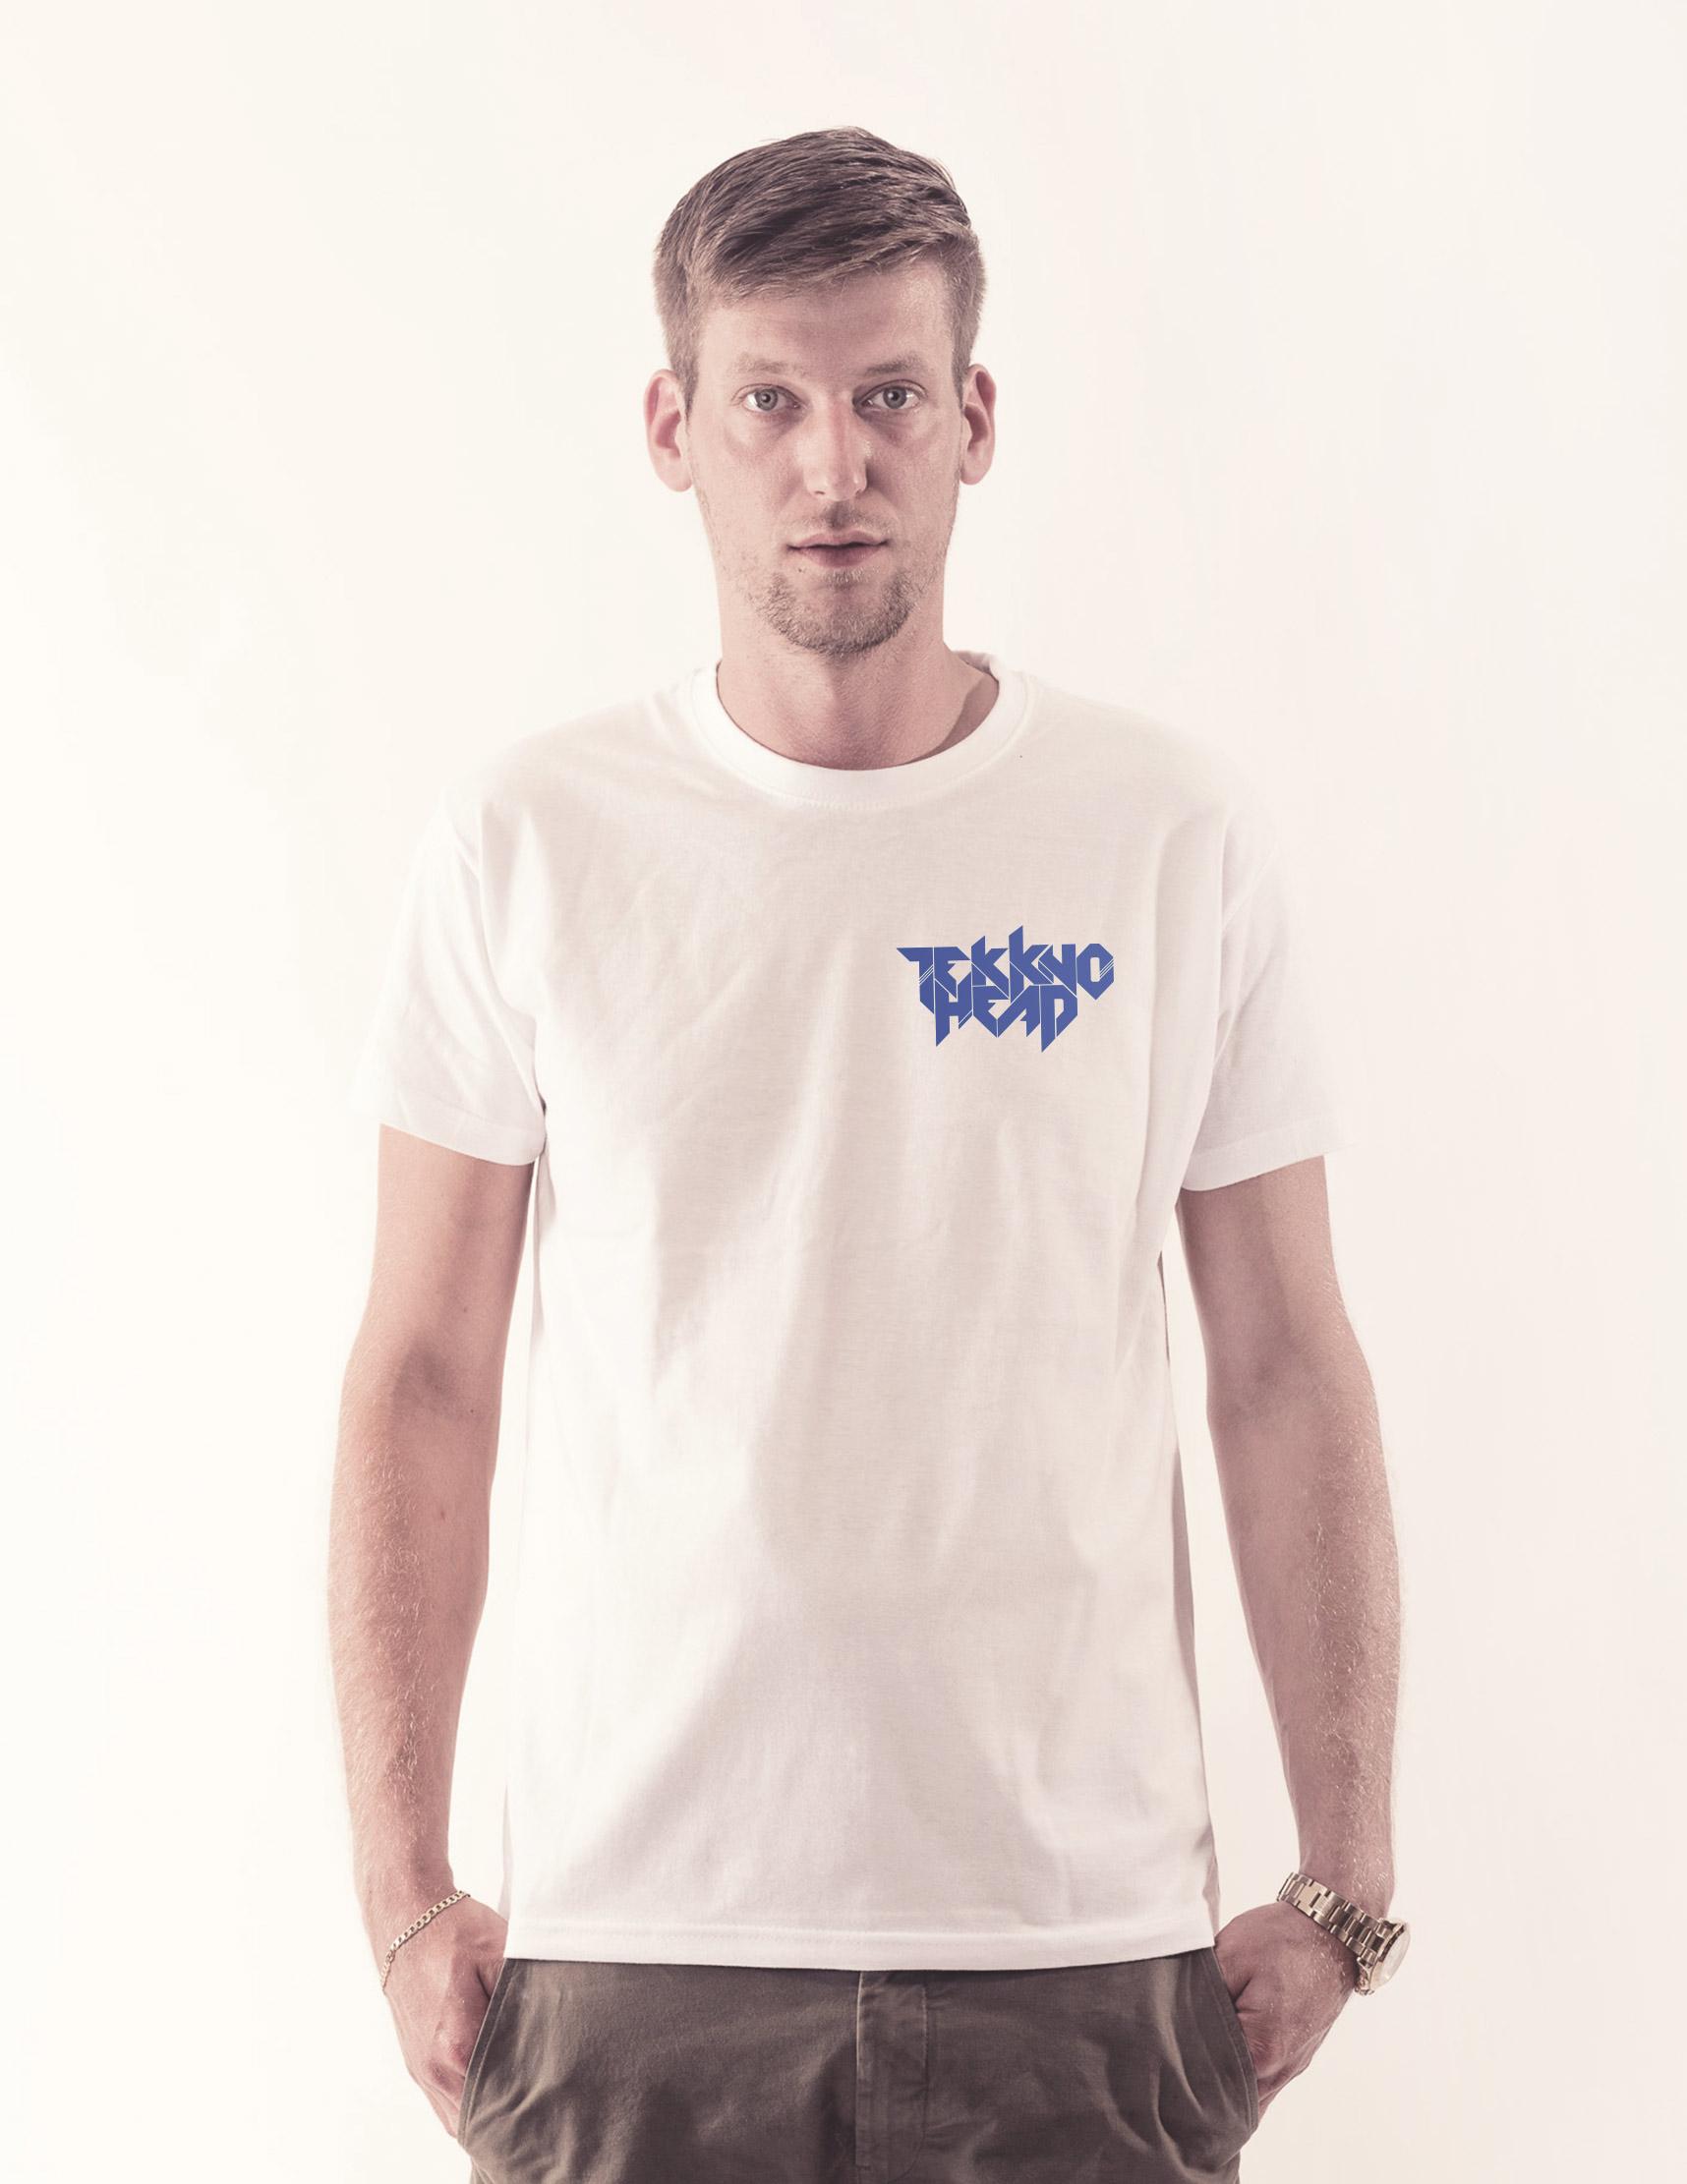 TEKKNOHEAD BRAND Shirt neonblau auf weiß